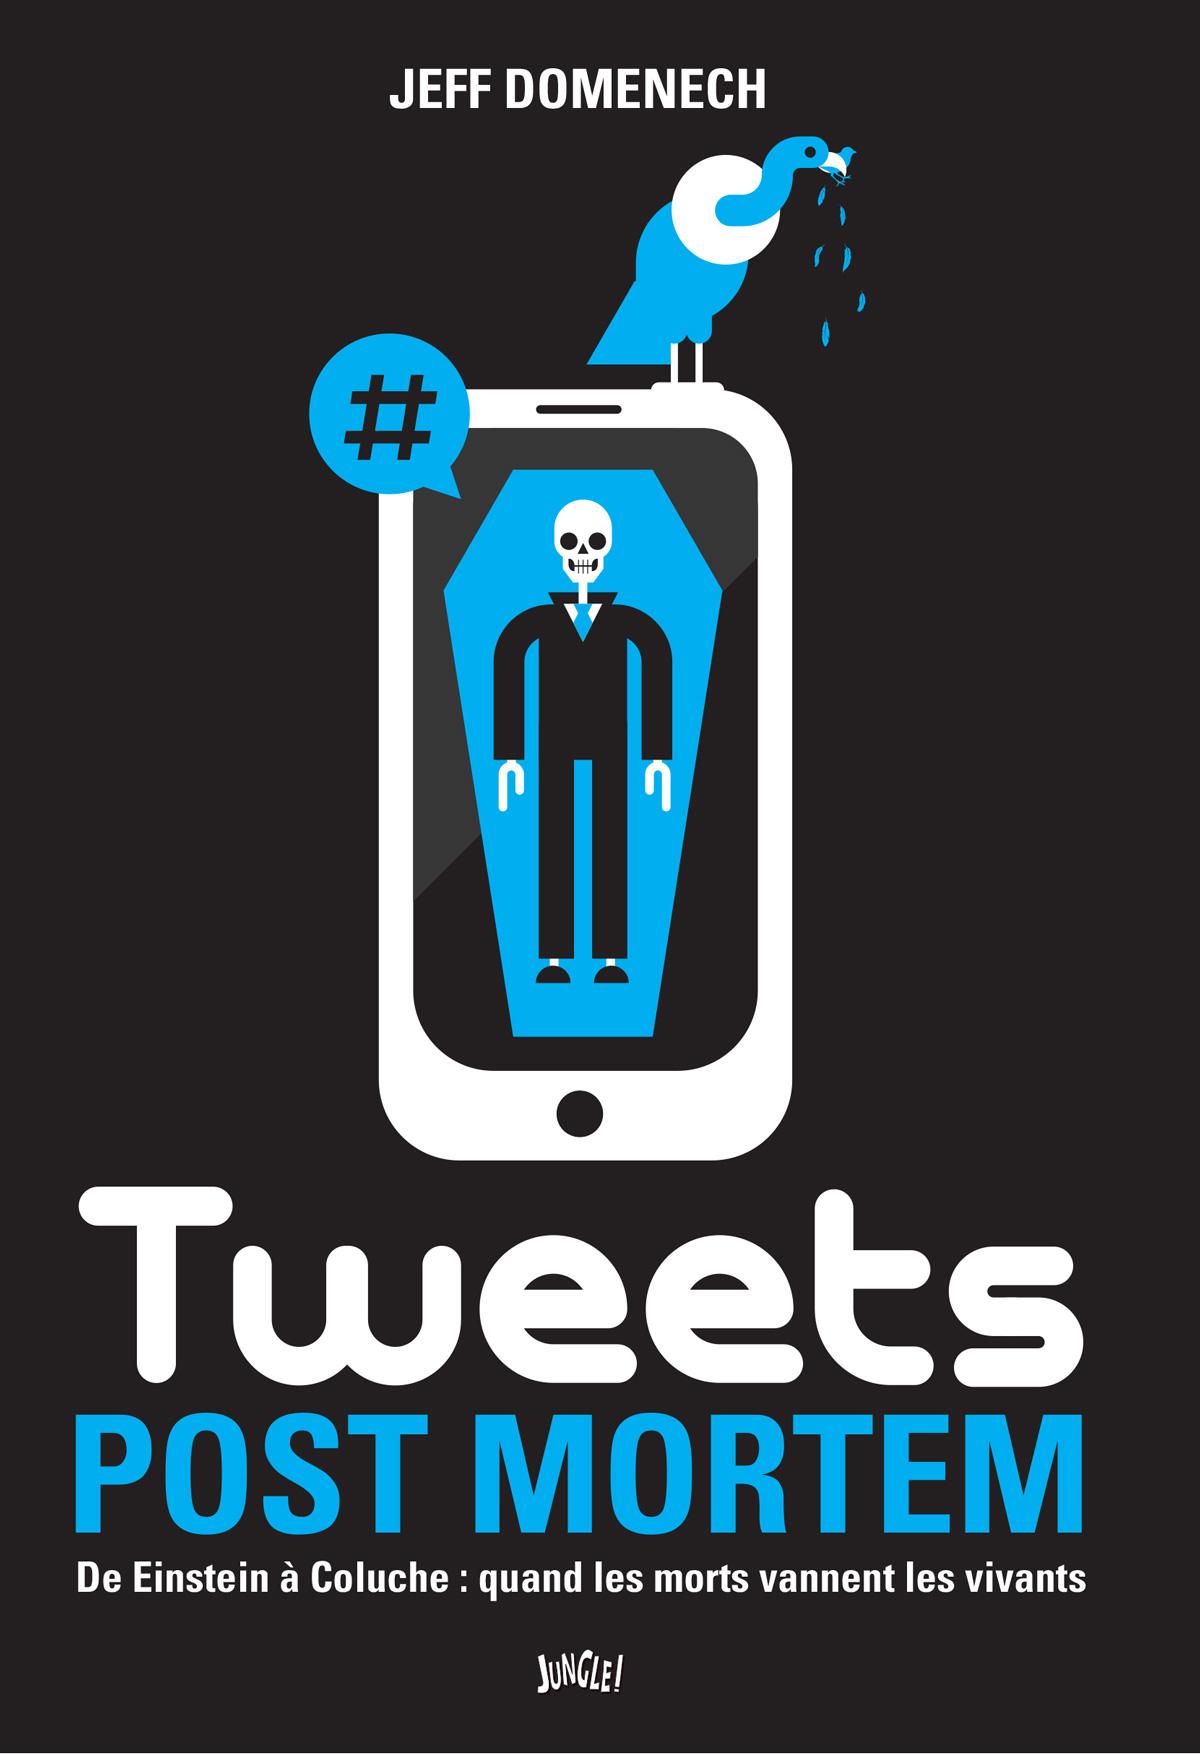 tweets-port-mortem-jeff-domenech-jungle-couverture